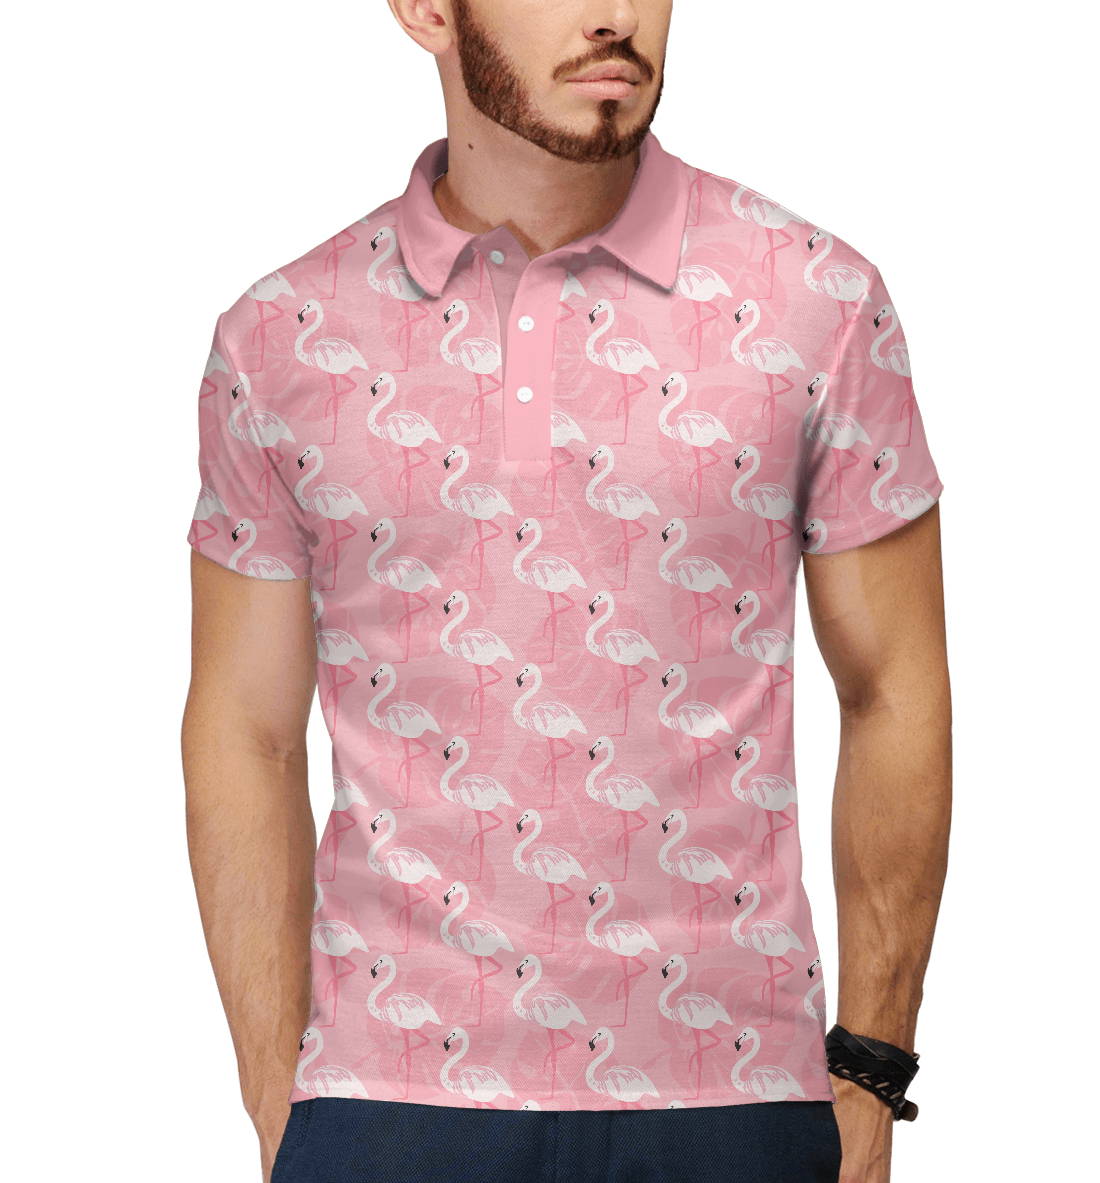 Купить Розовый Фламинго, Printbar, Поло, PTI-396884-pol-2